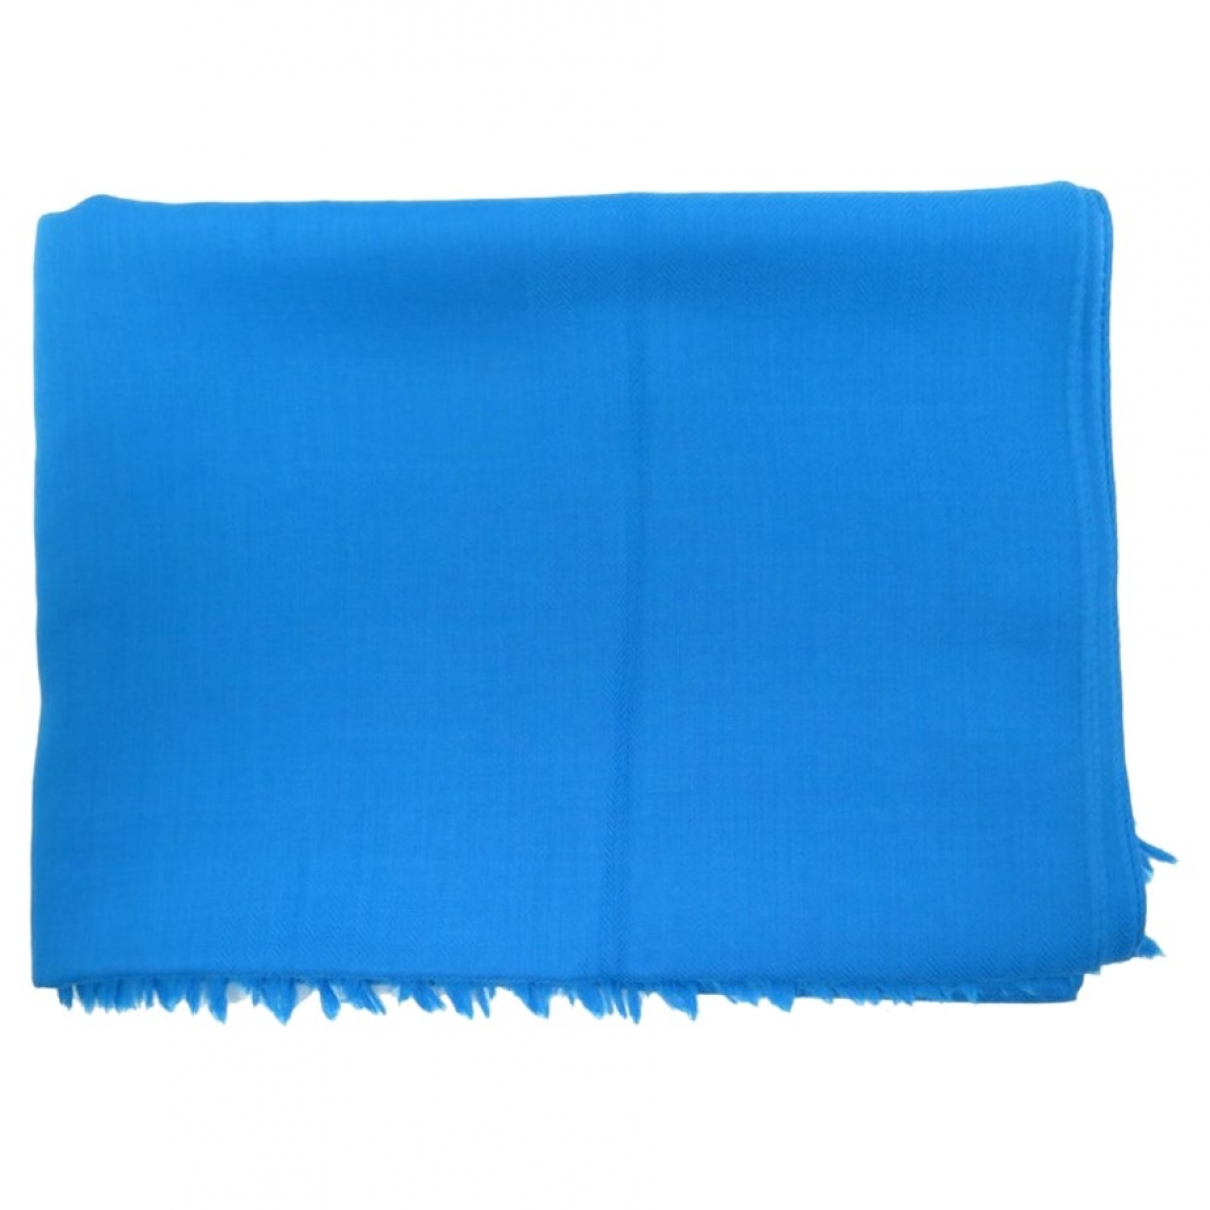 Hermès \N Blue Cashmere scarf for Women \N